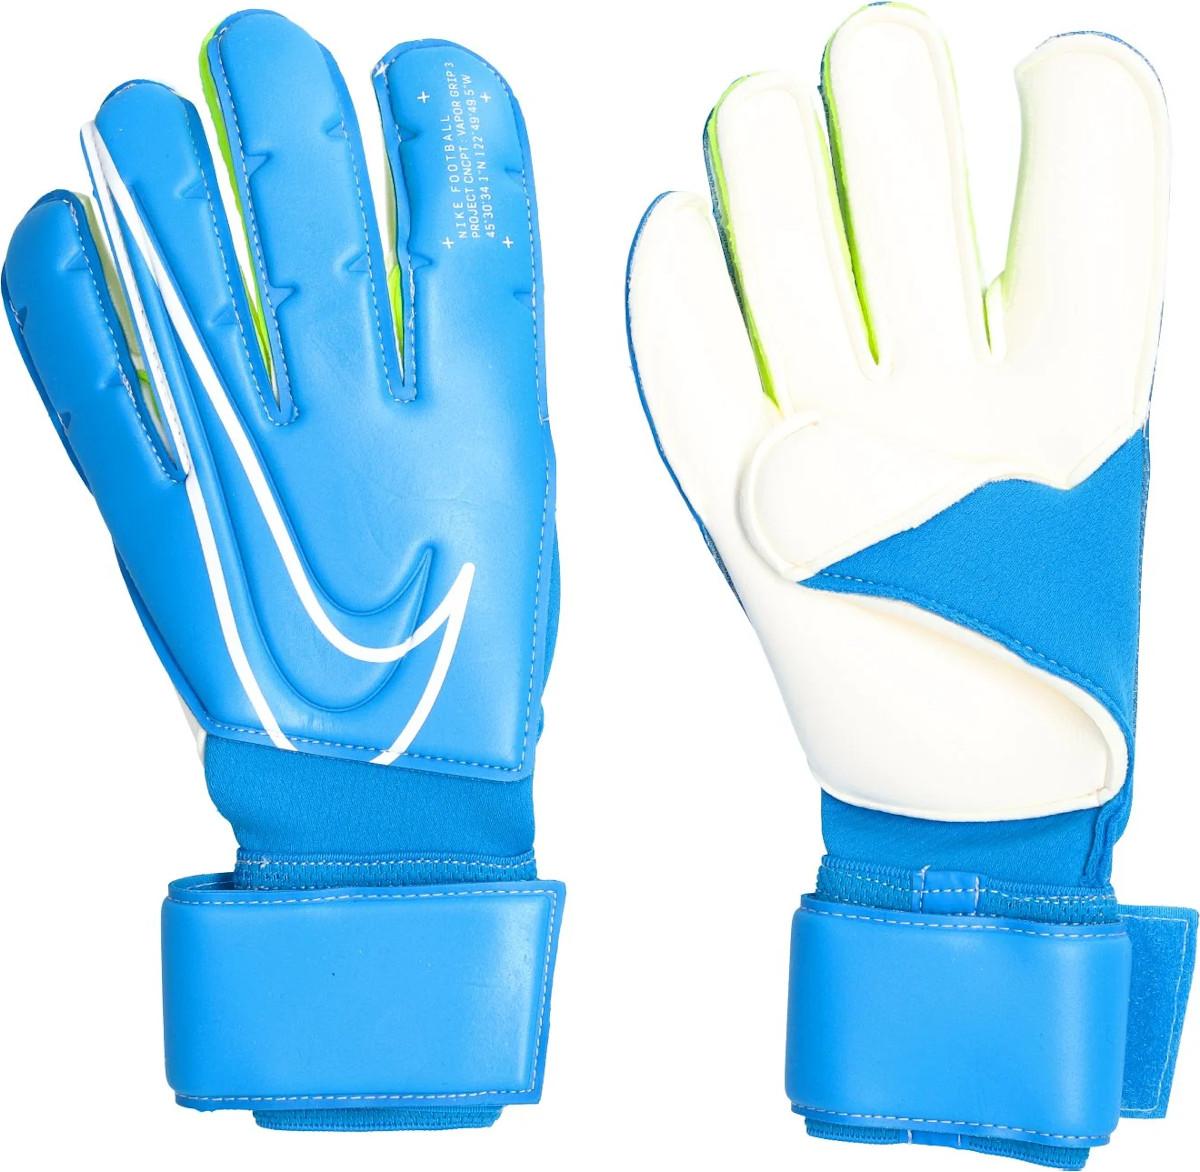 valor Descuido Jirafa  Goalkeeper's gloves Nike Vapor Grip 3 Promo - Top4Football.com